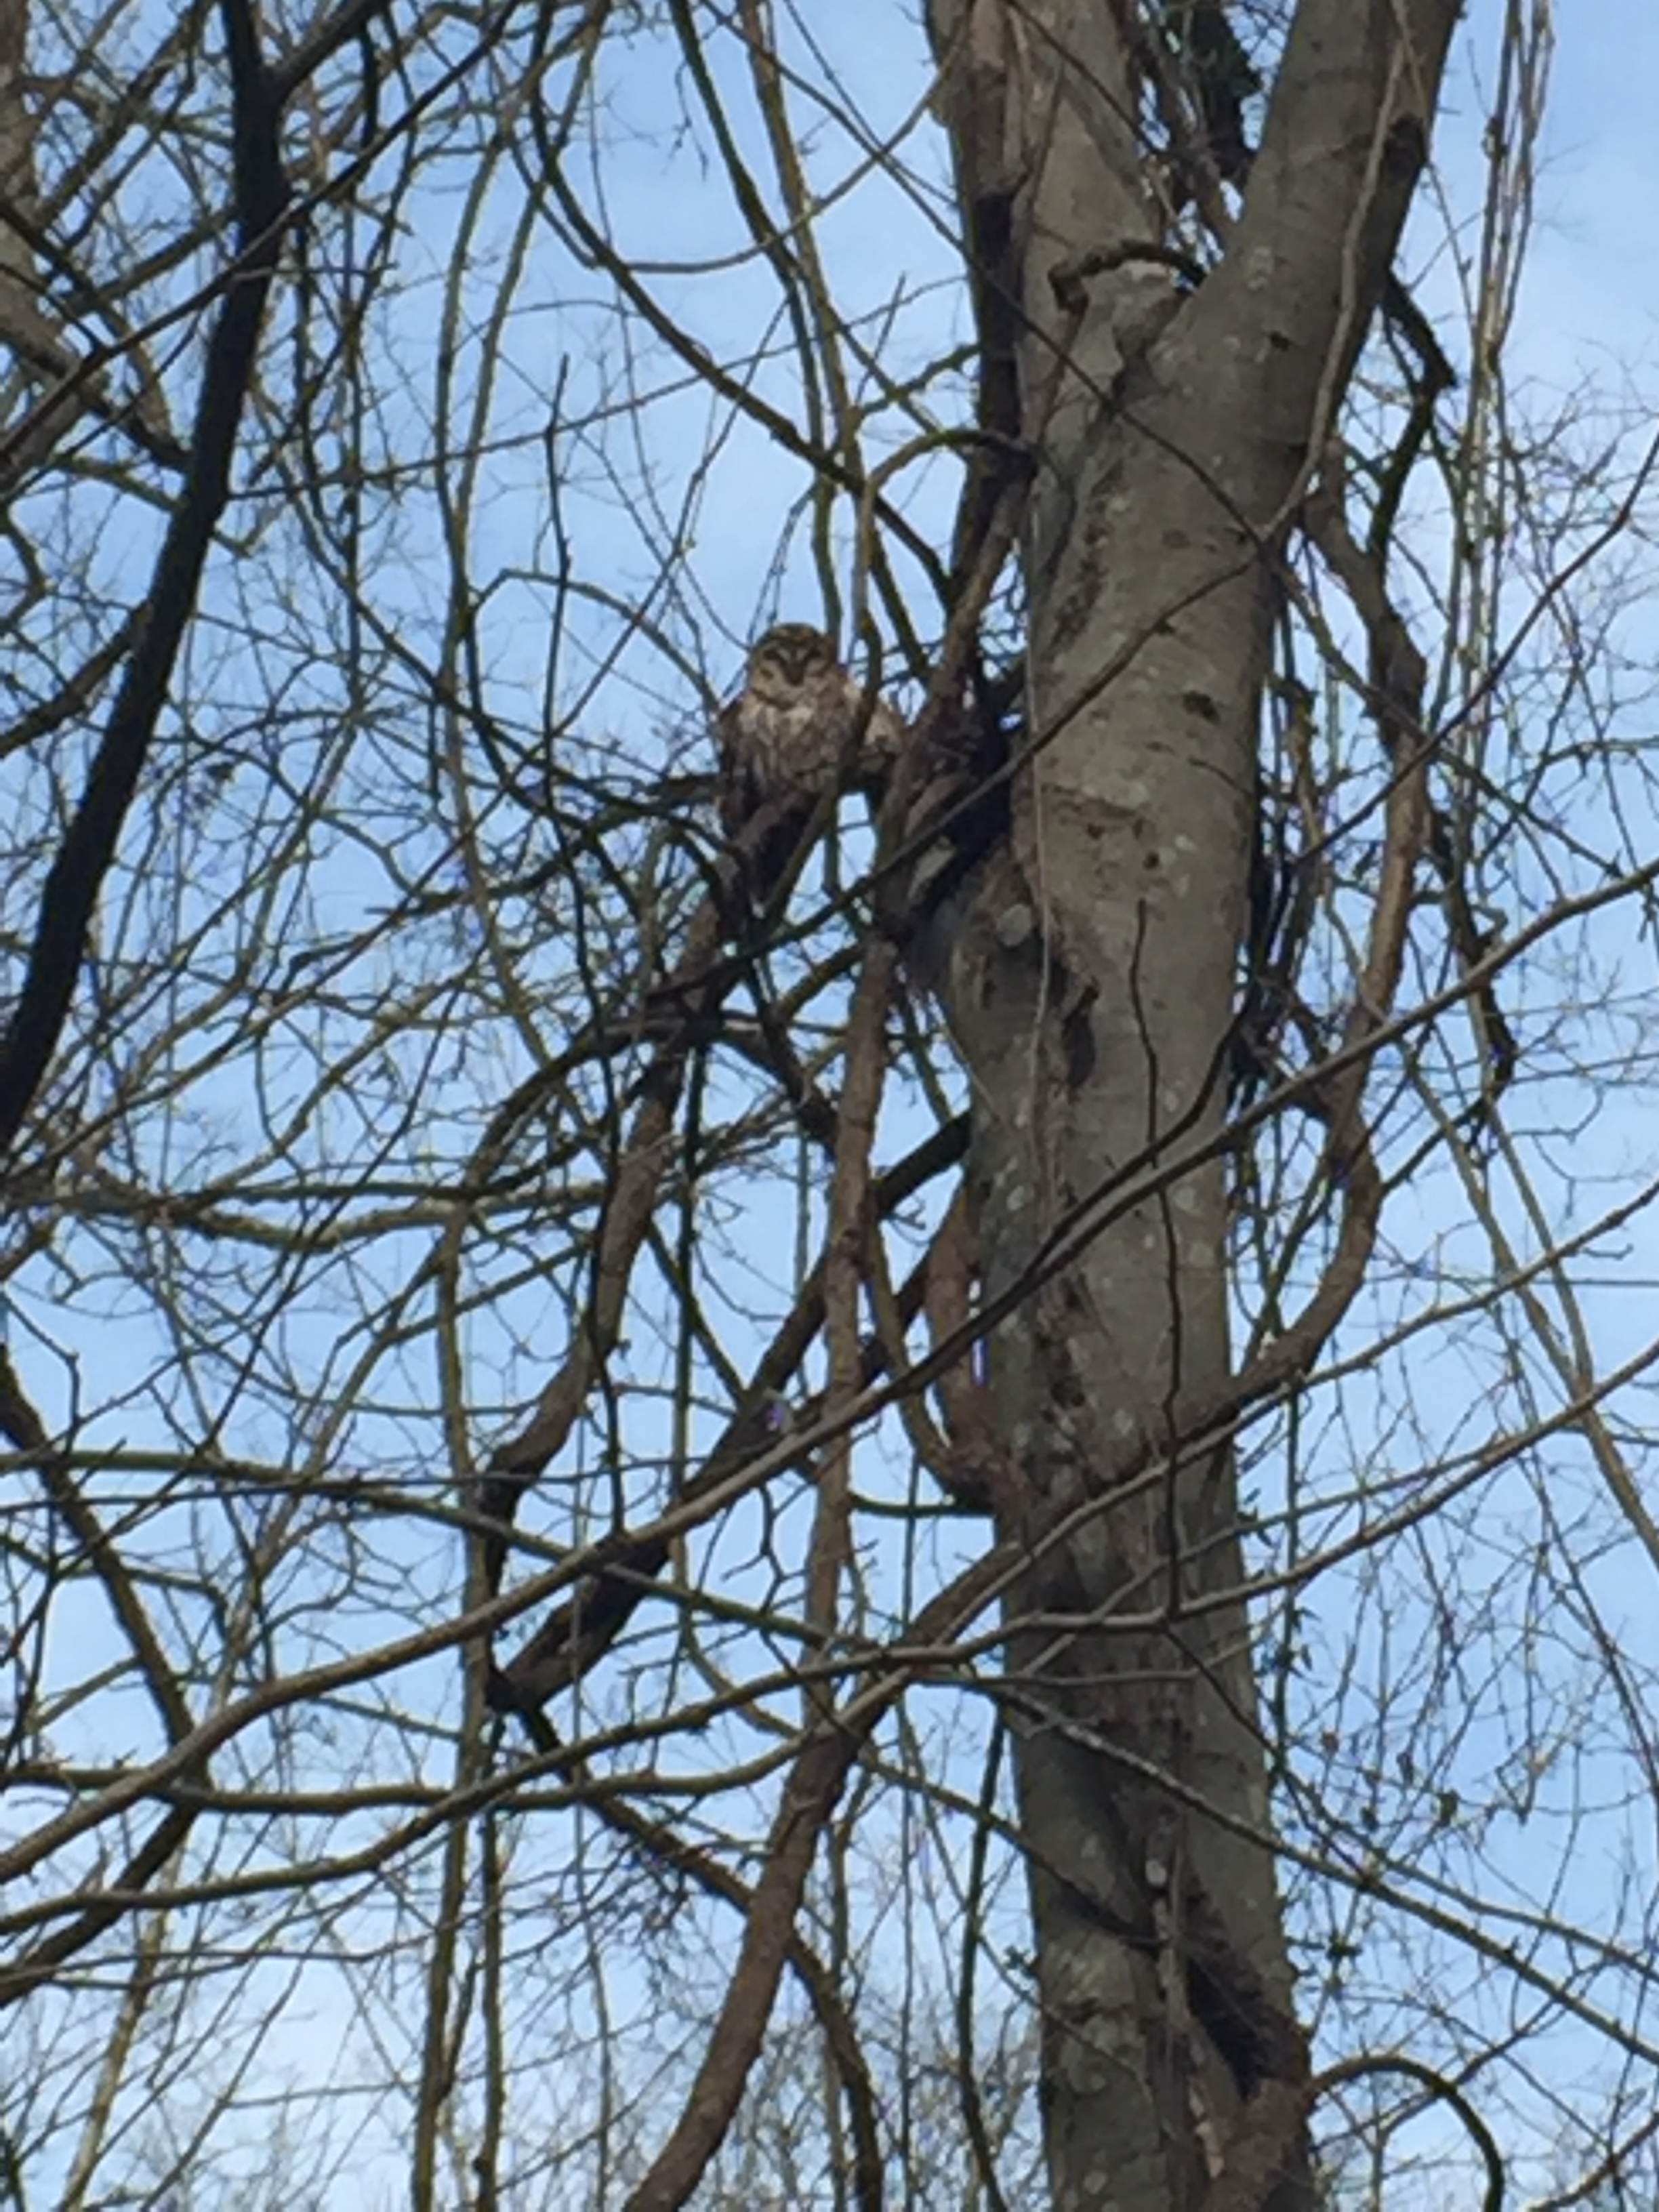 Owl spotting in a tree